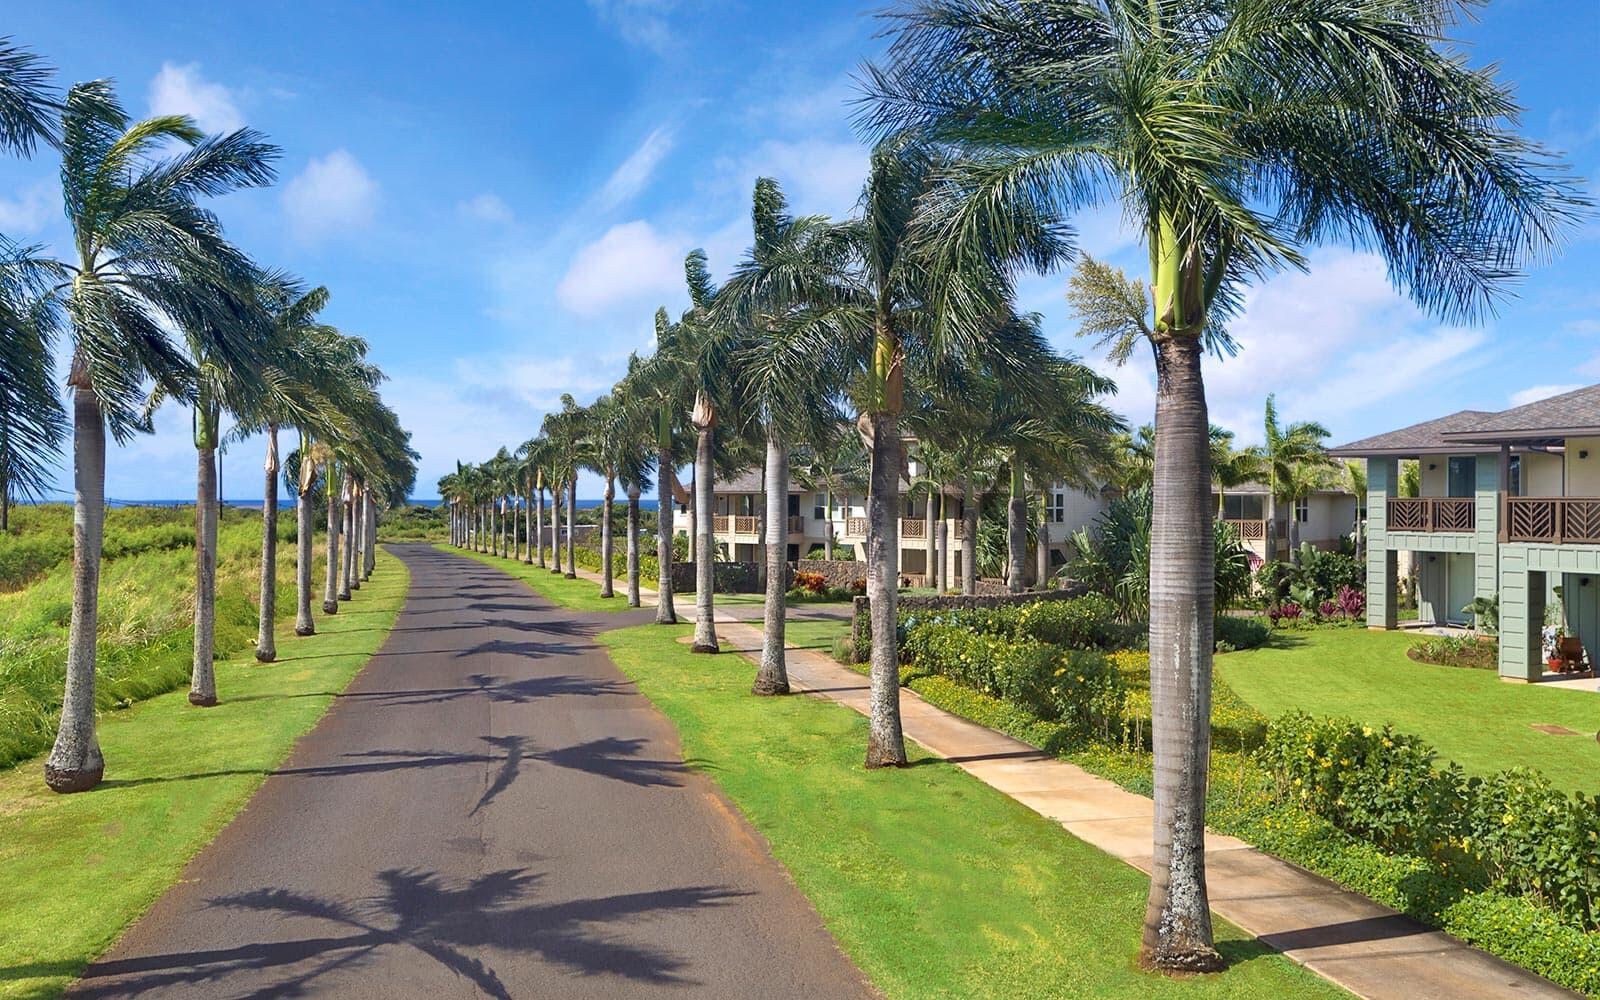 PiliMai at Poipu in Kauai